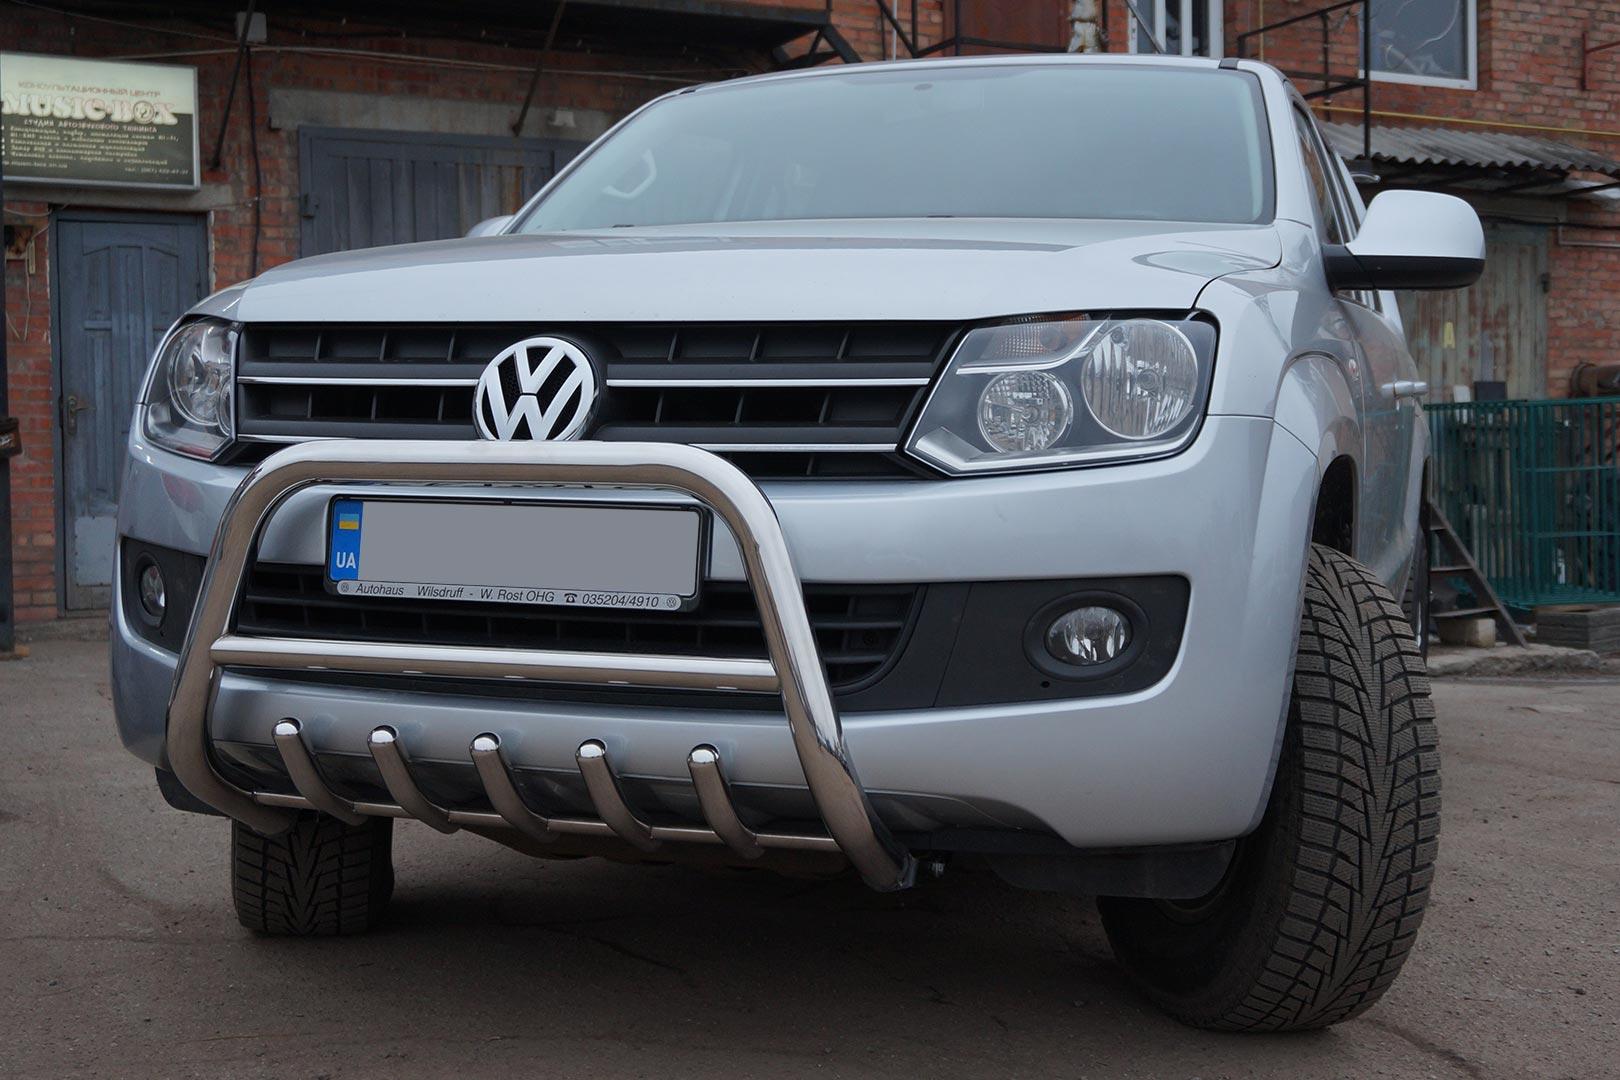 Тюнінг VW Amarok кенгурятник пороги кунг корито в кузов